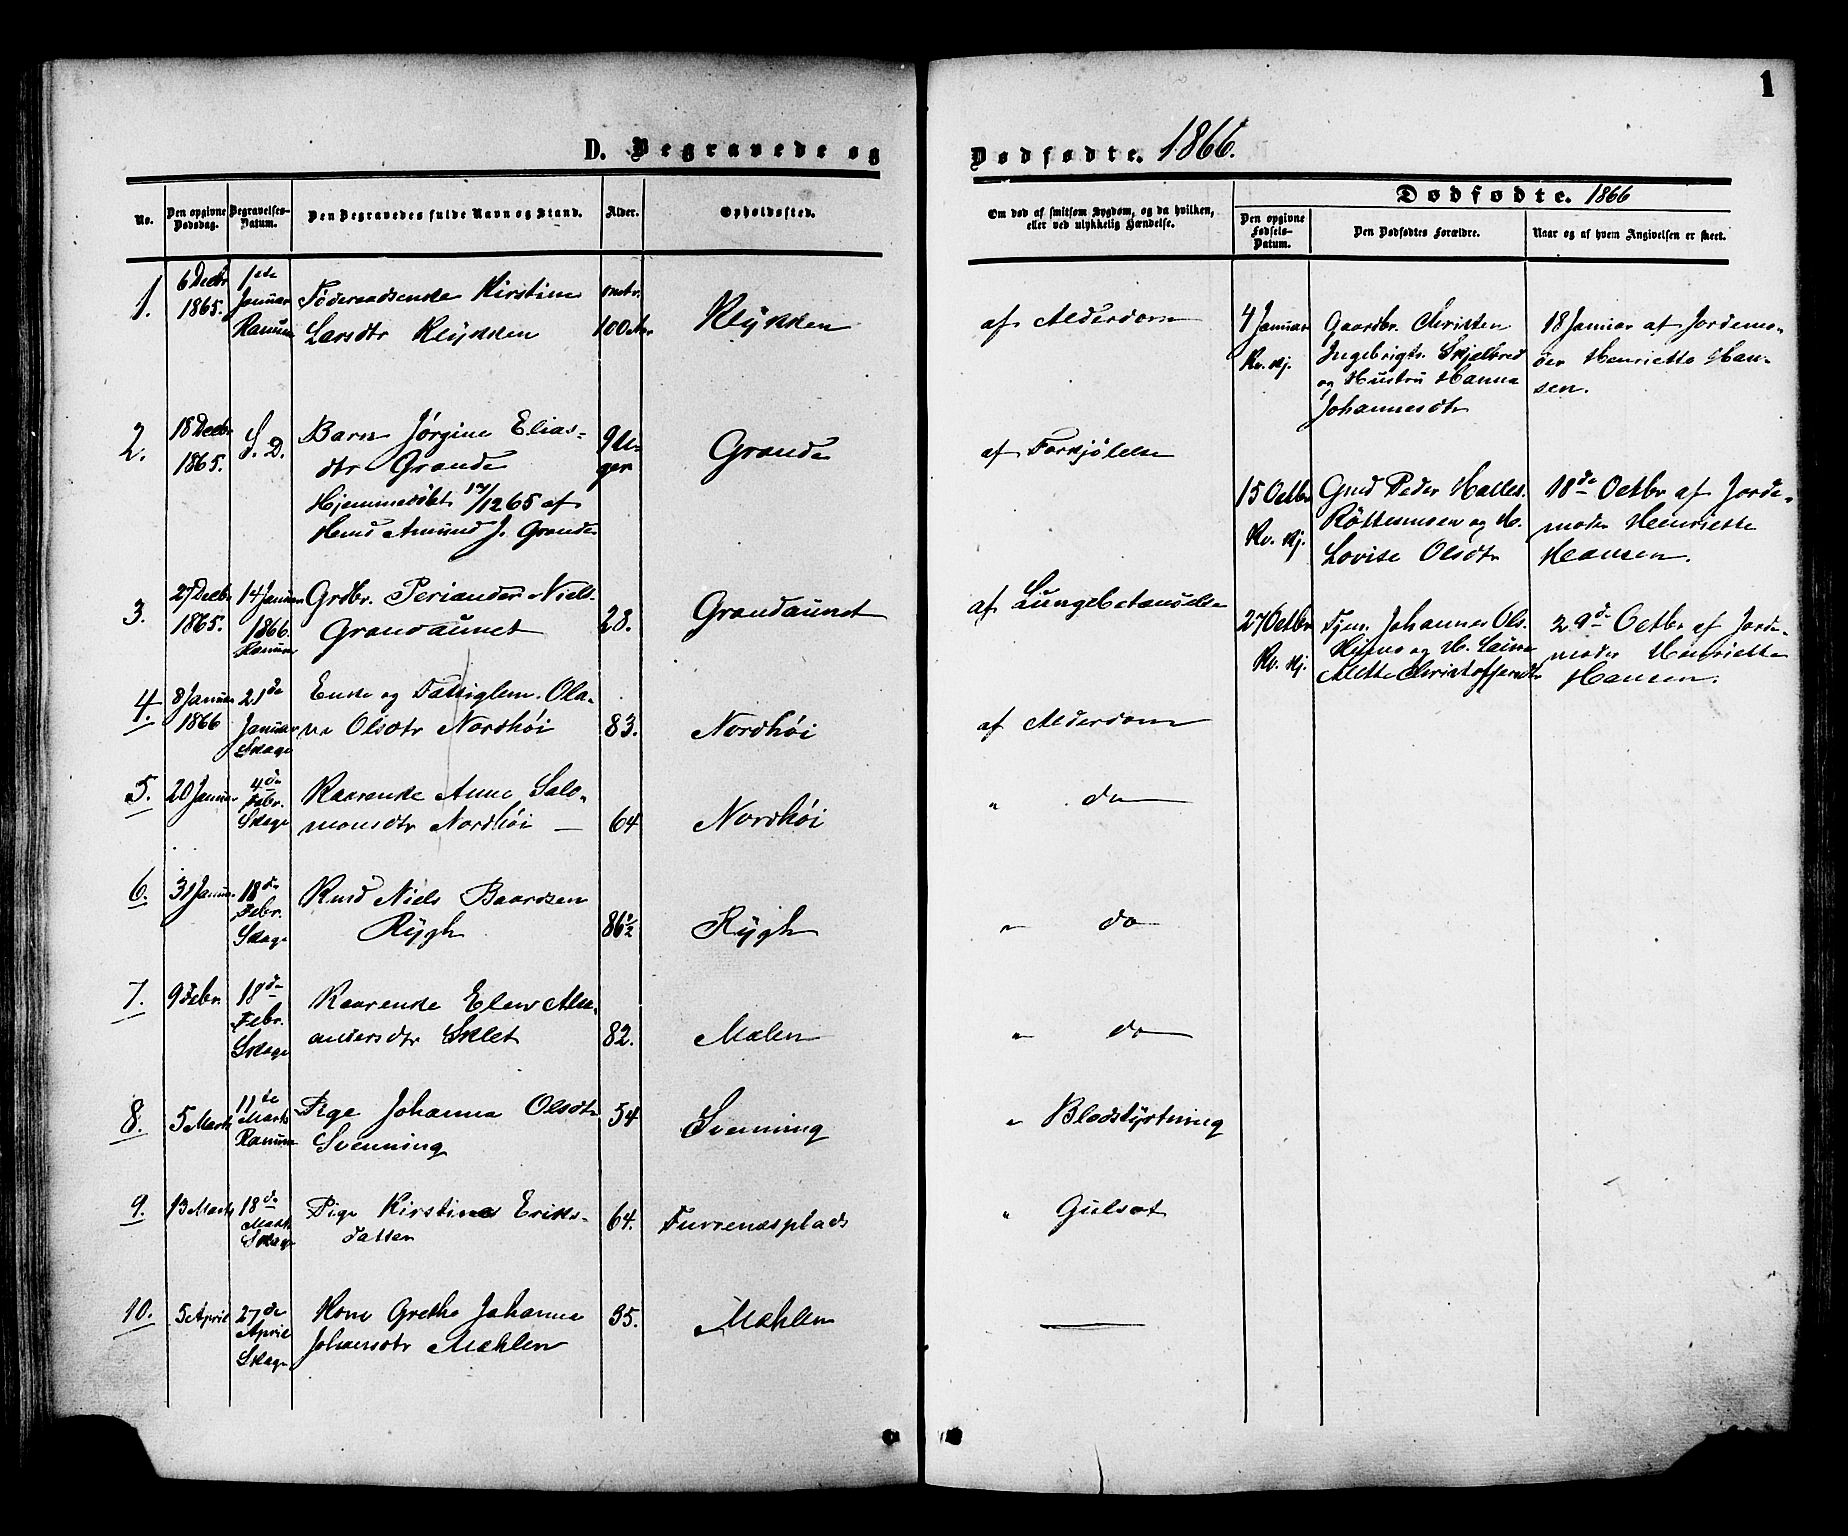 SAT, Ministerialprotokoller, klokkerbøker og fødselsregistre - Nord-Trøndelag, 764/L0553: Ministerialbok nr. 764A08, 1858-1880, s. 1